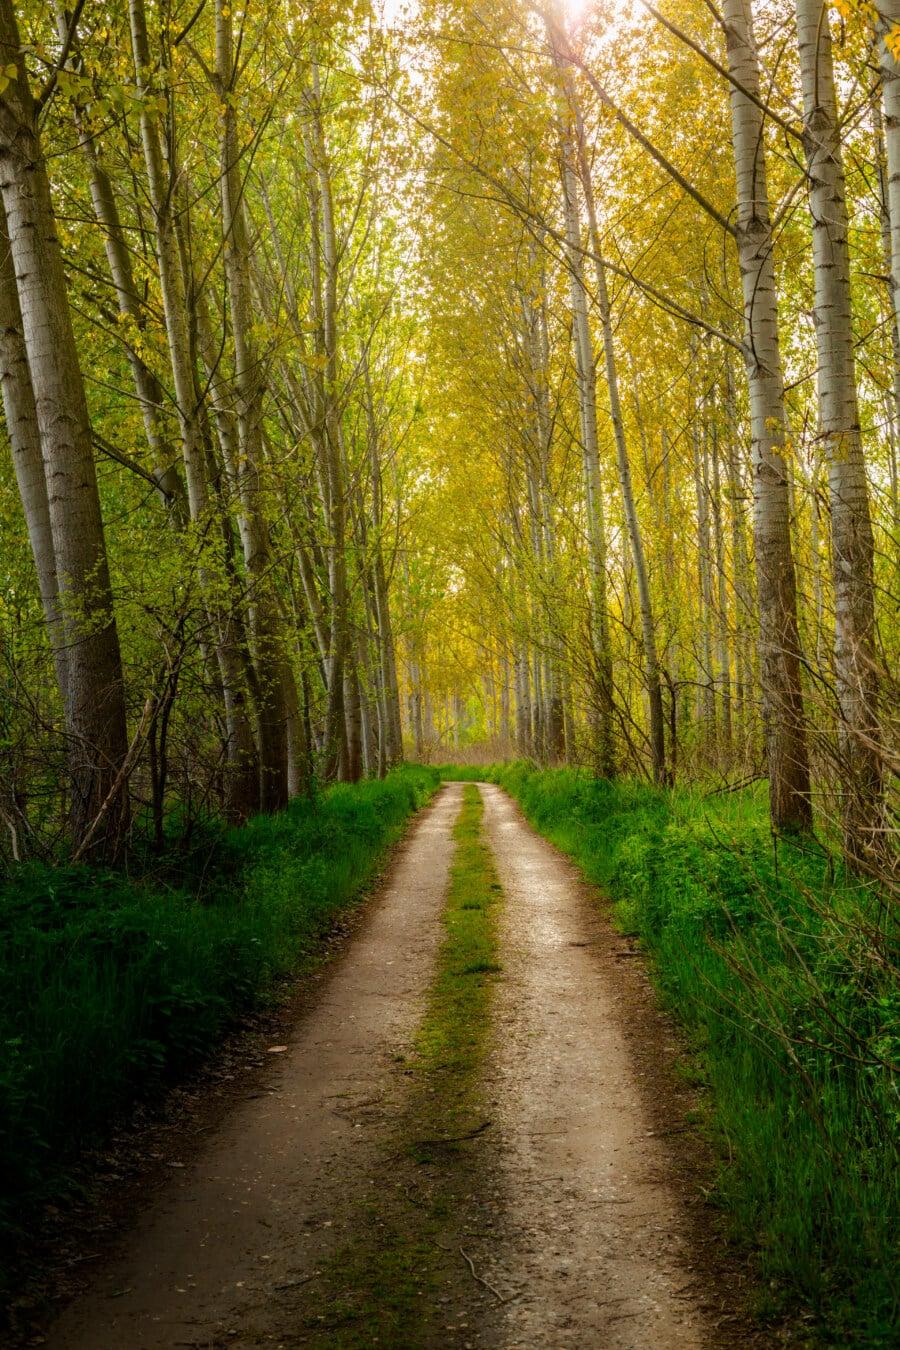 route forestière, sentier de la forêt, arbres, peuplier, point de vue, feuille, automne, paysage, Itinéraire, Saule